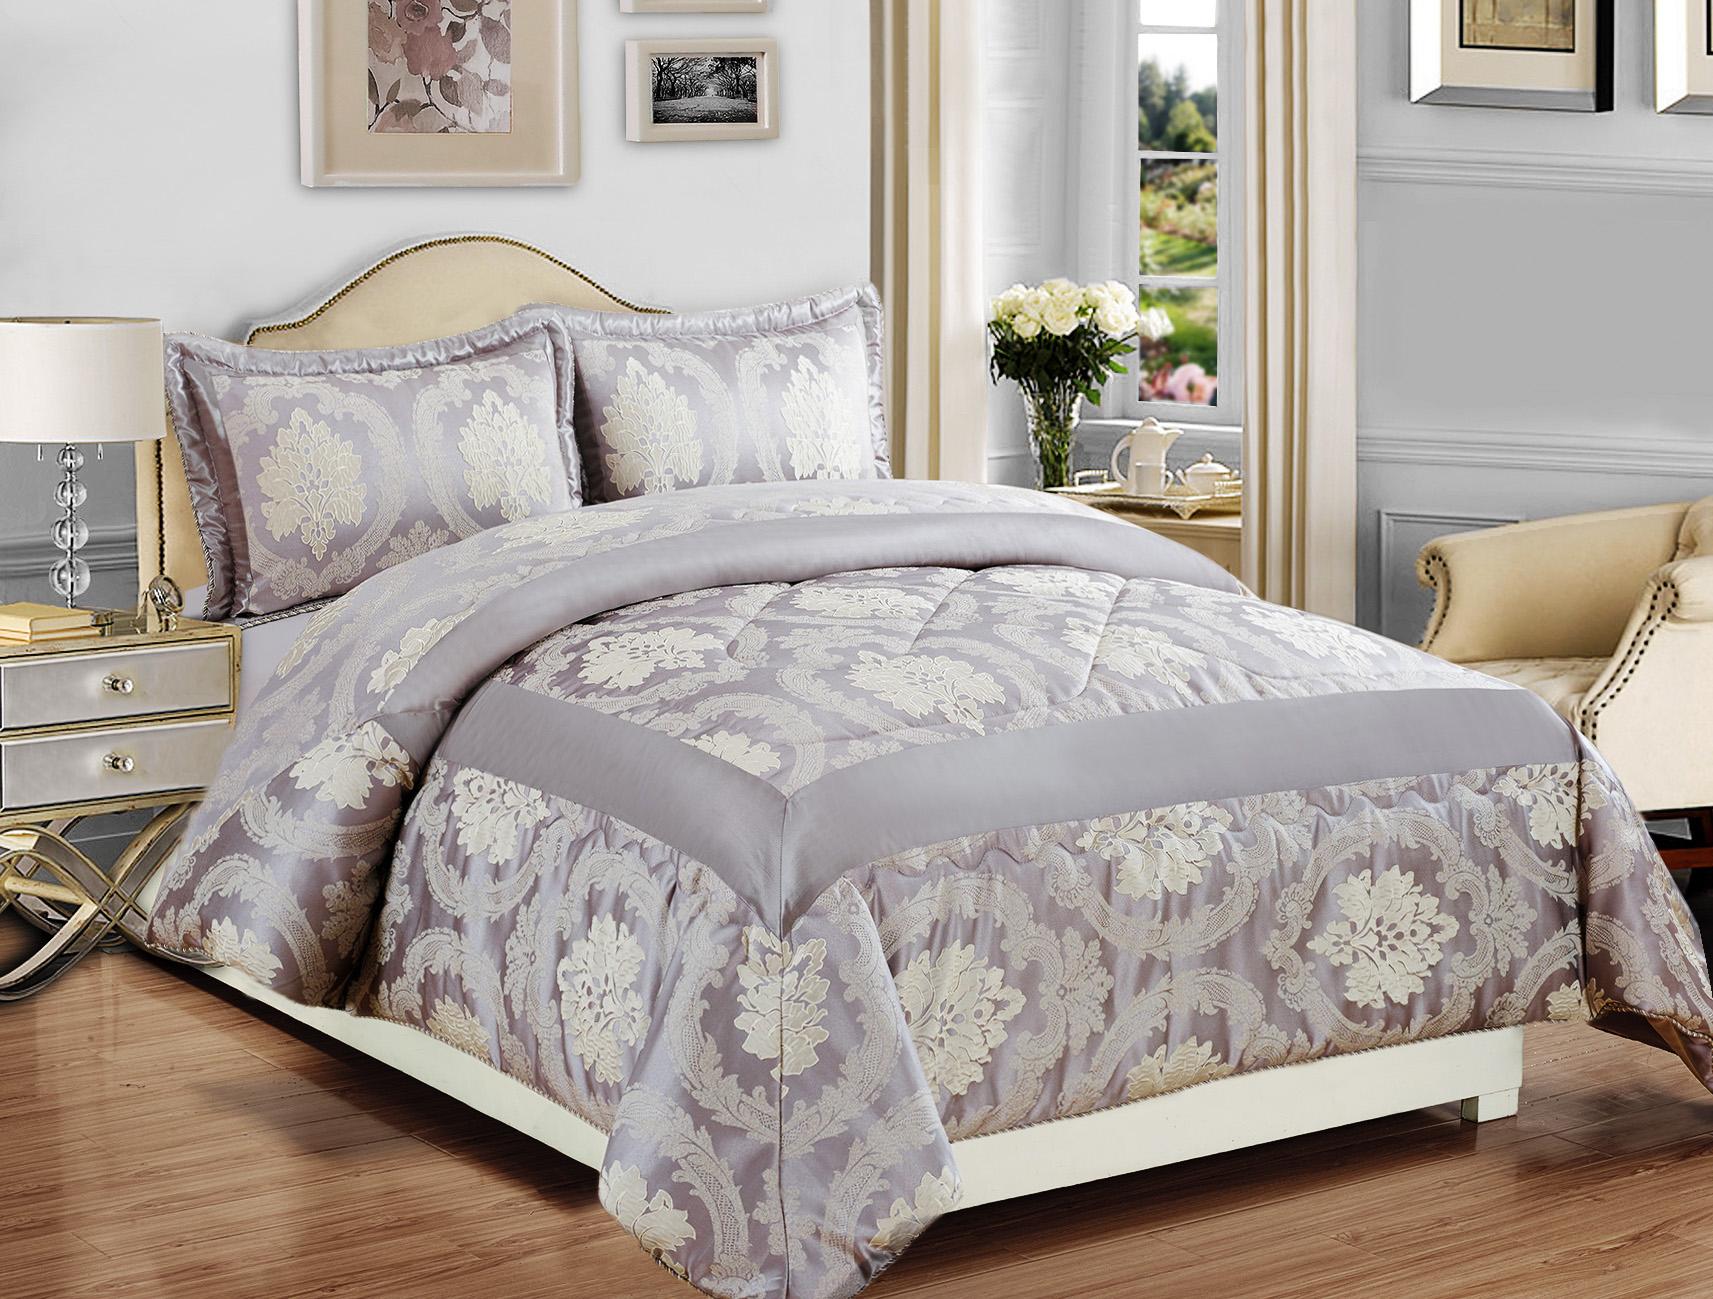 luxury bedspread 3pcs jacquard bedspread quilted bed spread comforter set king ebay. Black Bedroom Furniture Sets. Home Design Ideas